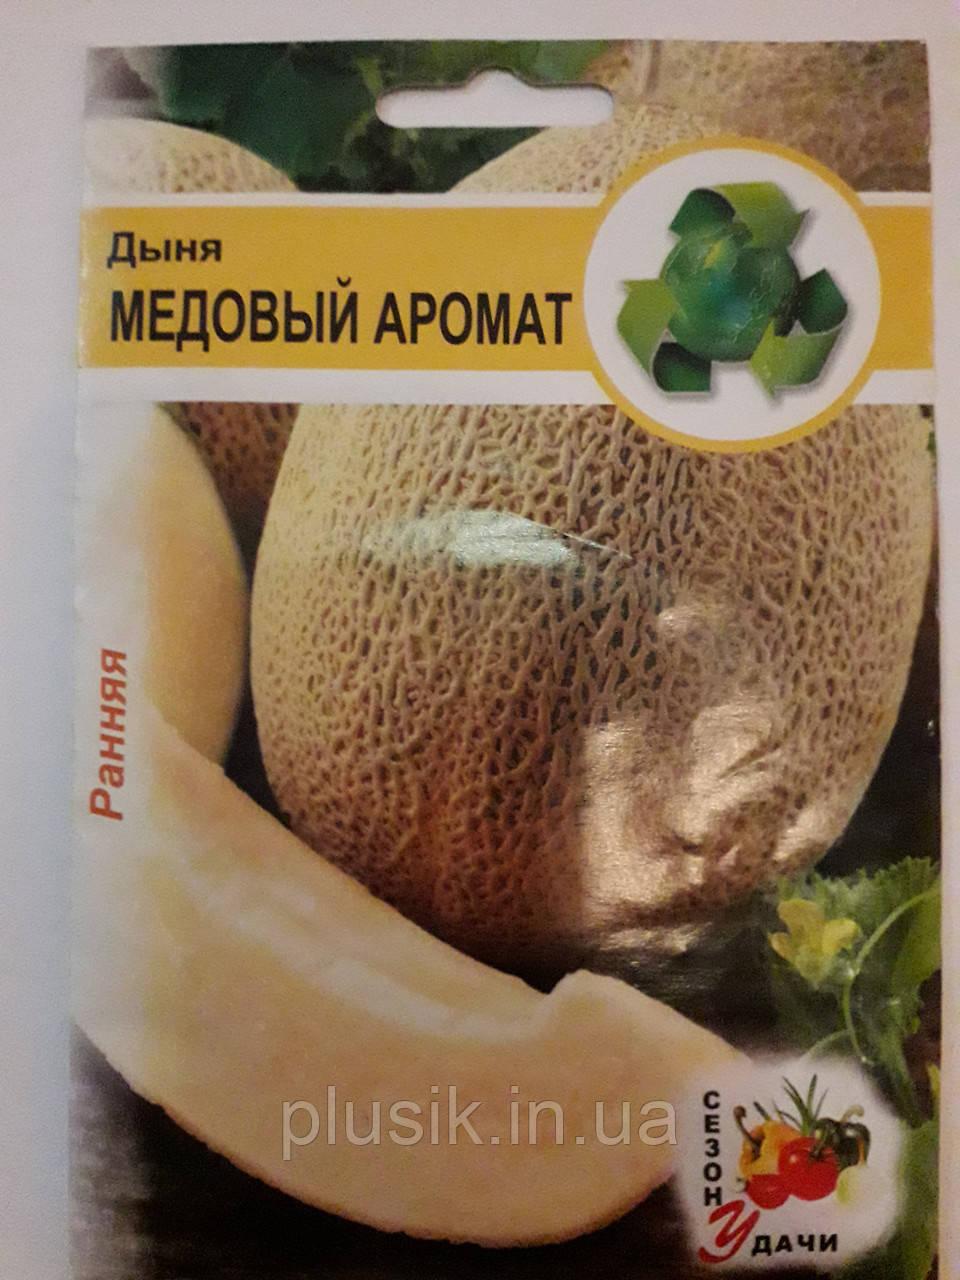 Диня Медовий аромат рання 10 г (мінімальне замовлення 10 пачок)